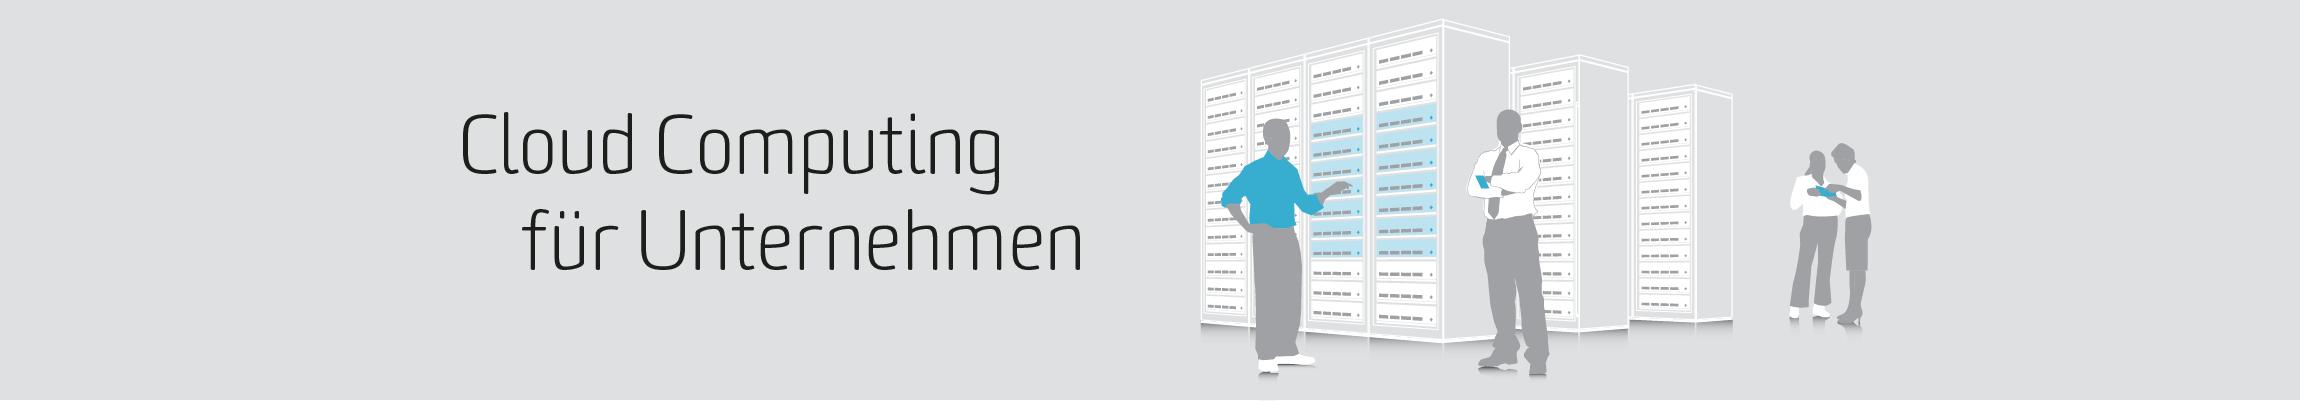 Cloud Computing für Unternehmen